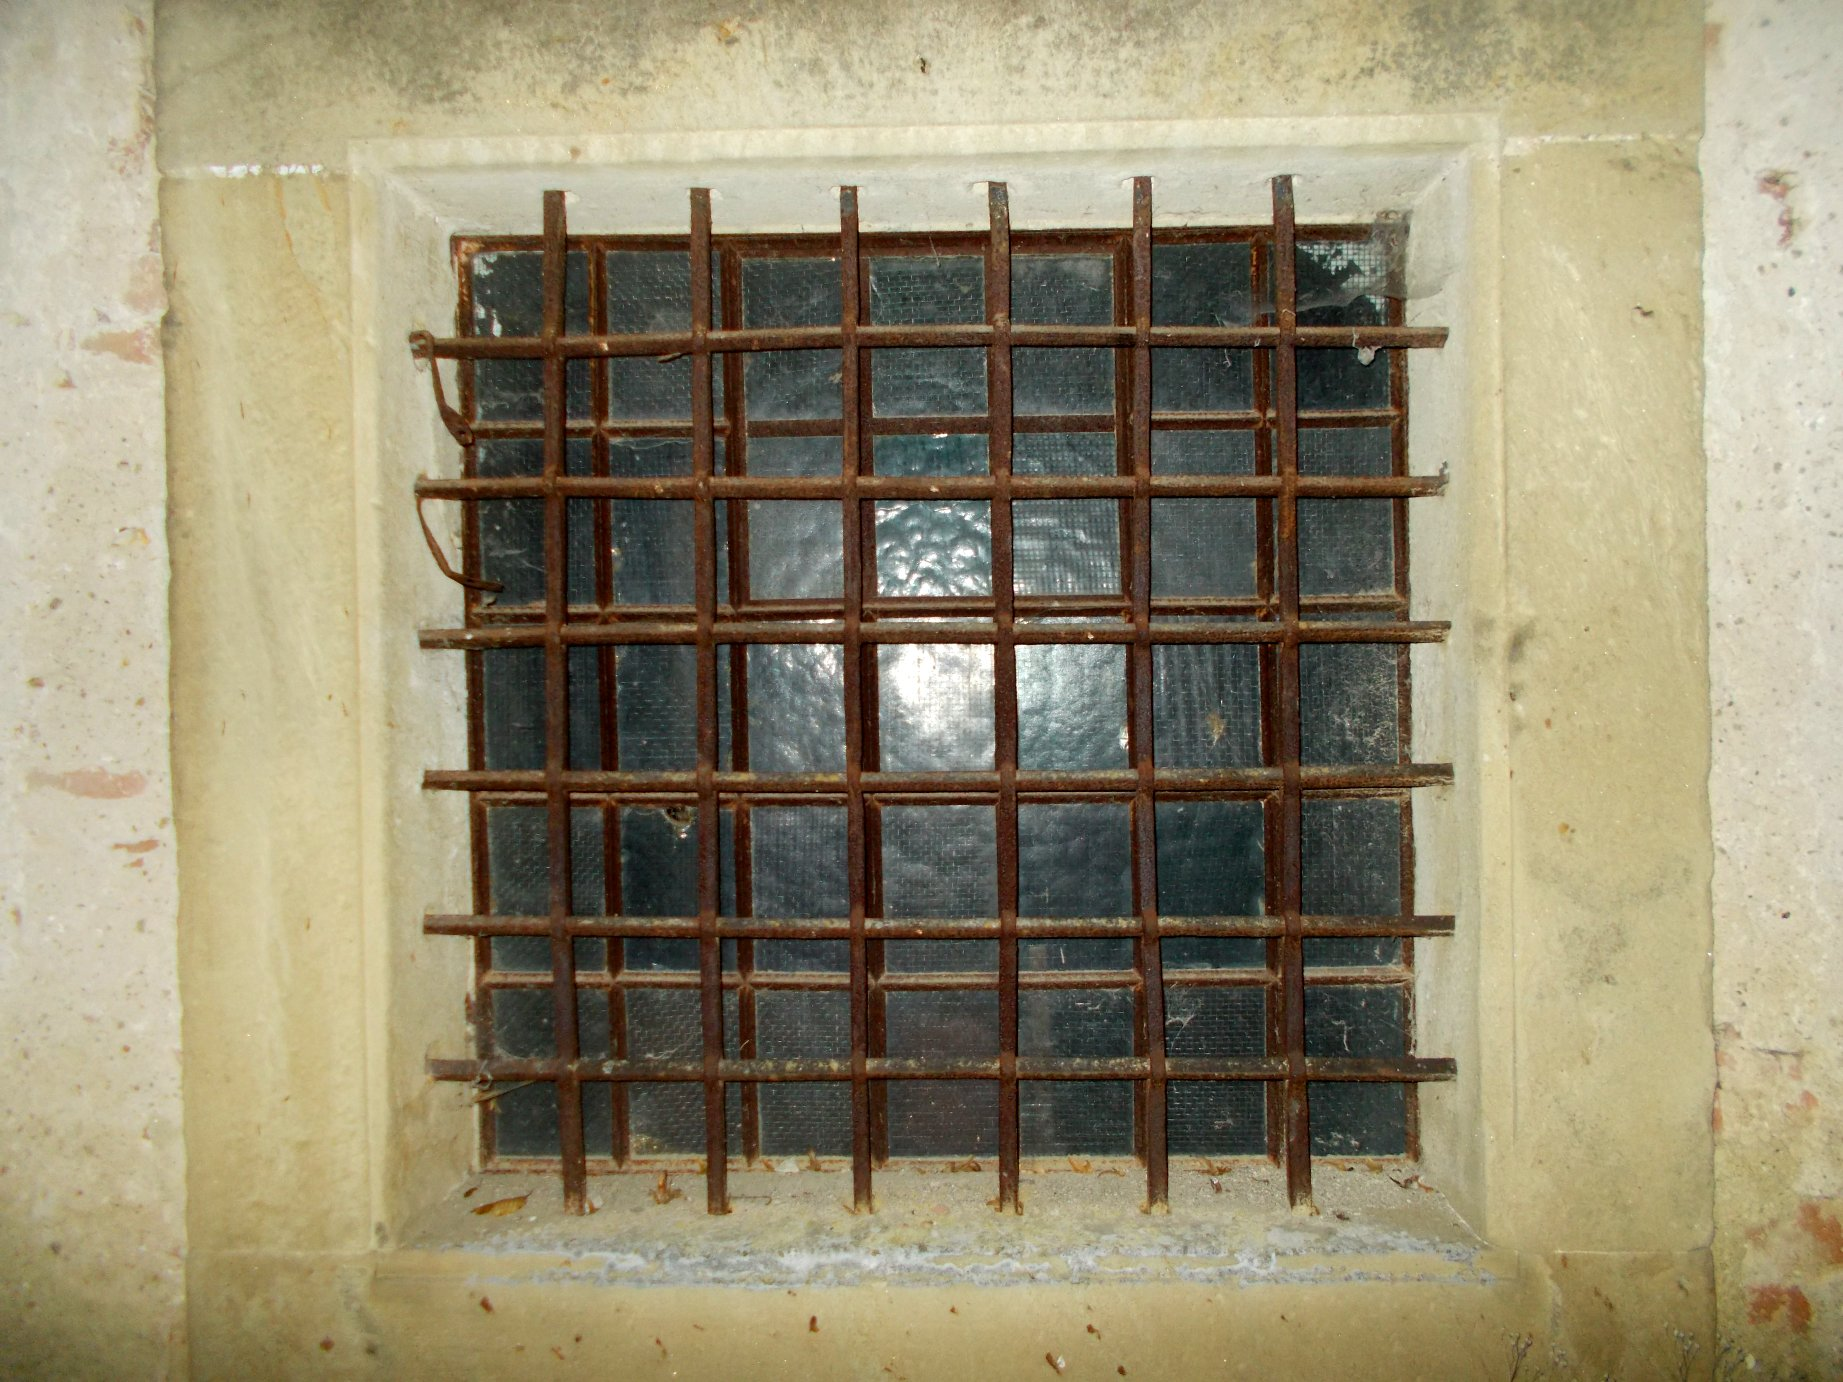 Dieses halbhistorische Fenstergitter ist eine perfekte Meisterarbeit.  Seit Jahrhunderten...